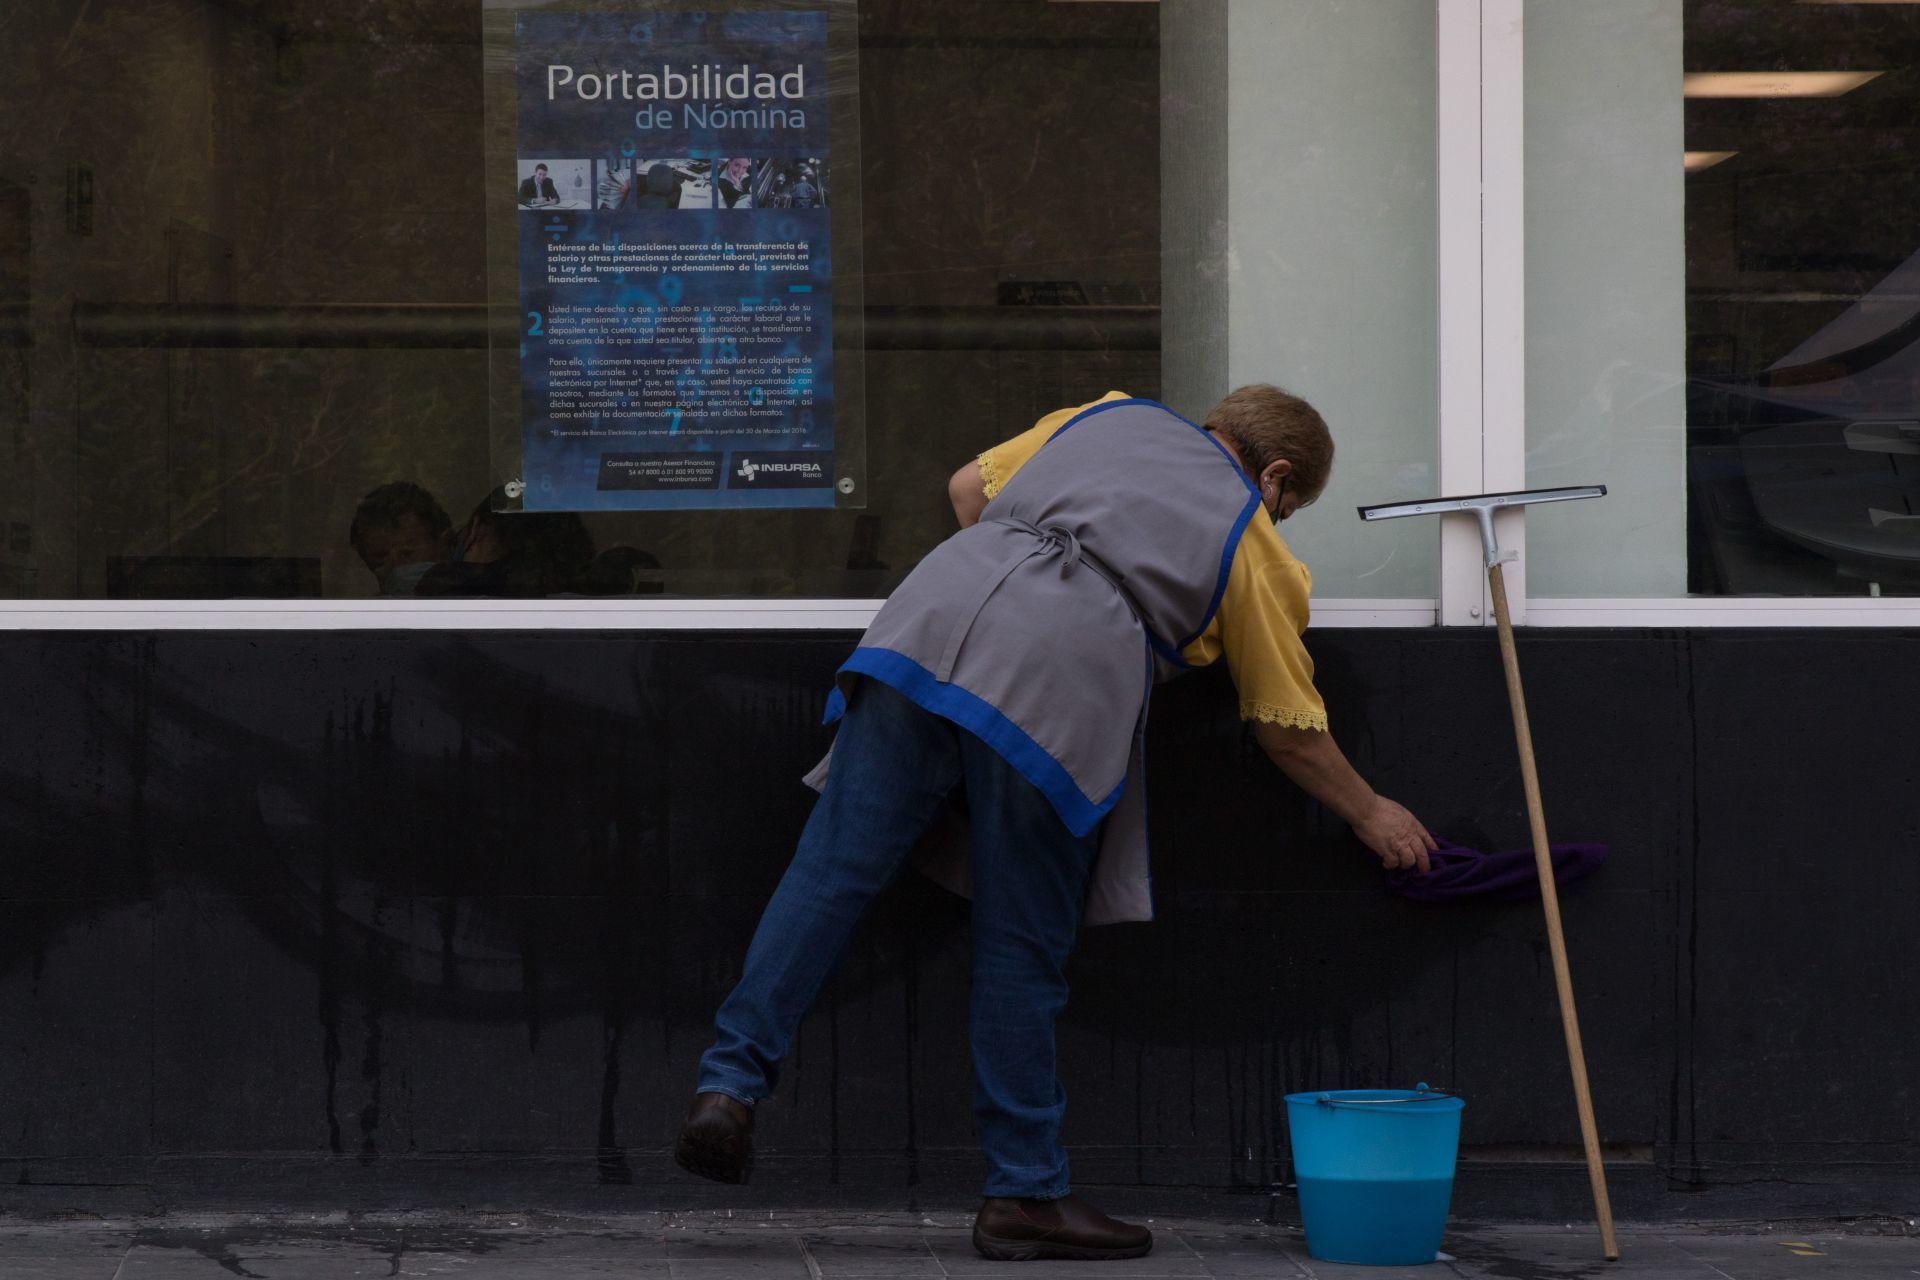 Trabajadora limpiando la parte de afuera de un banco